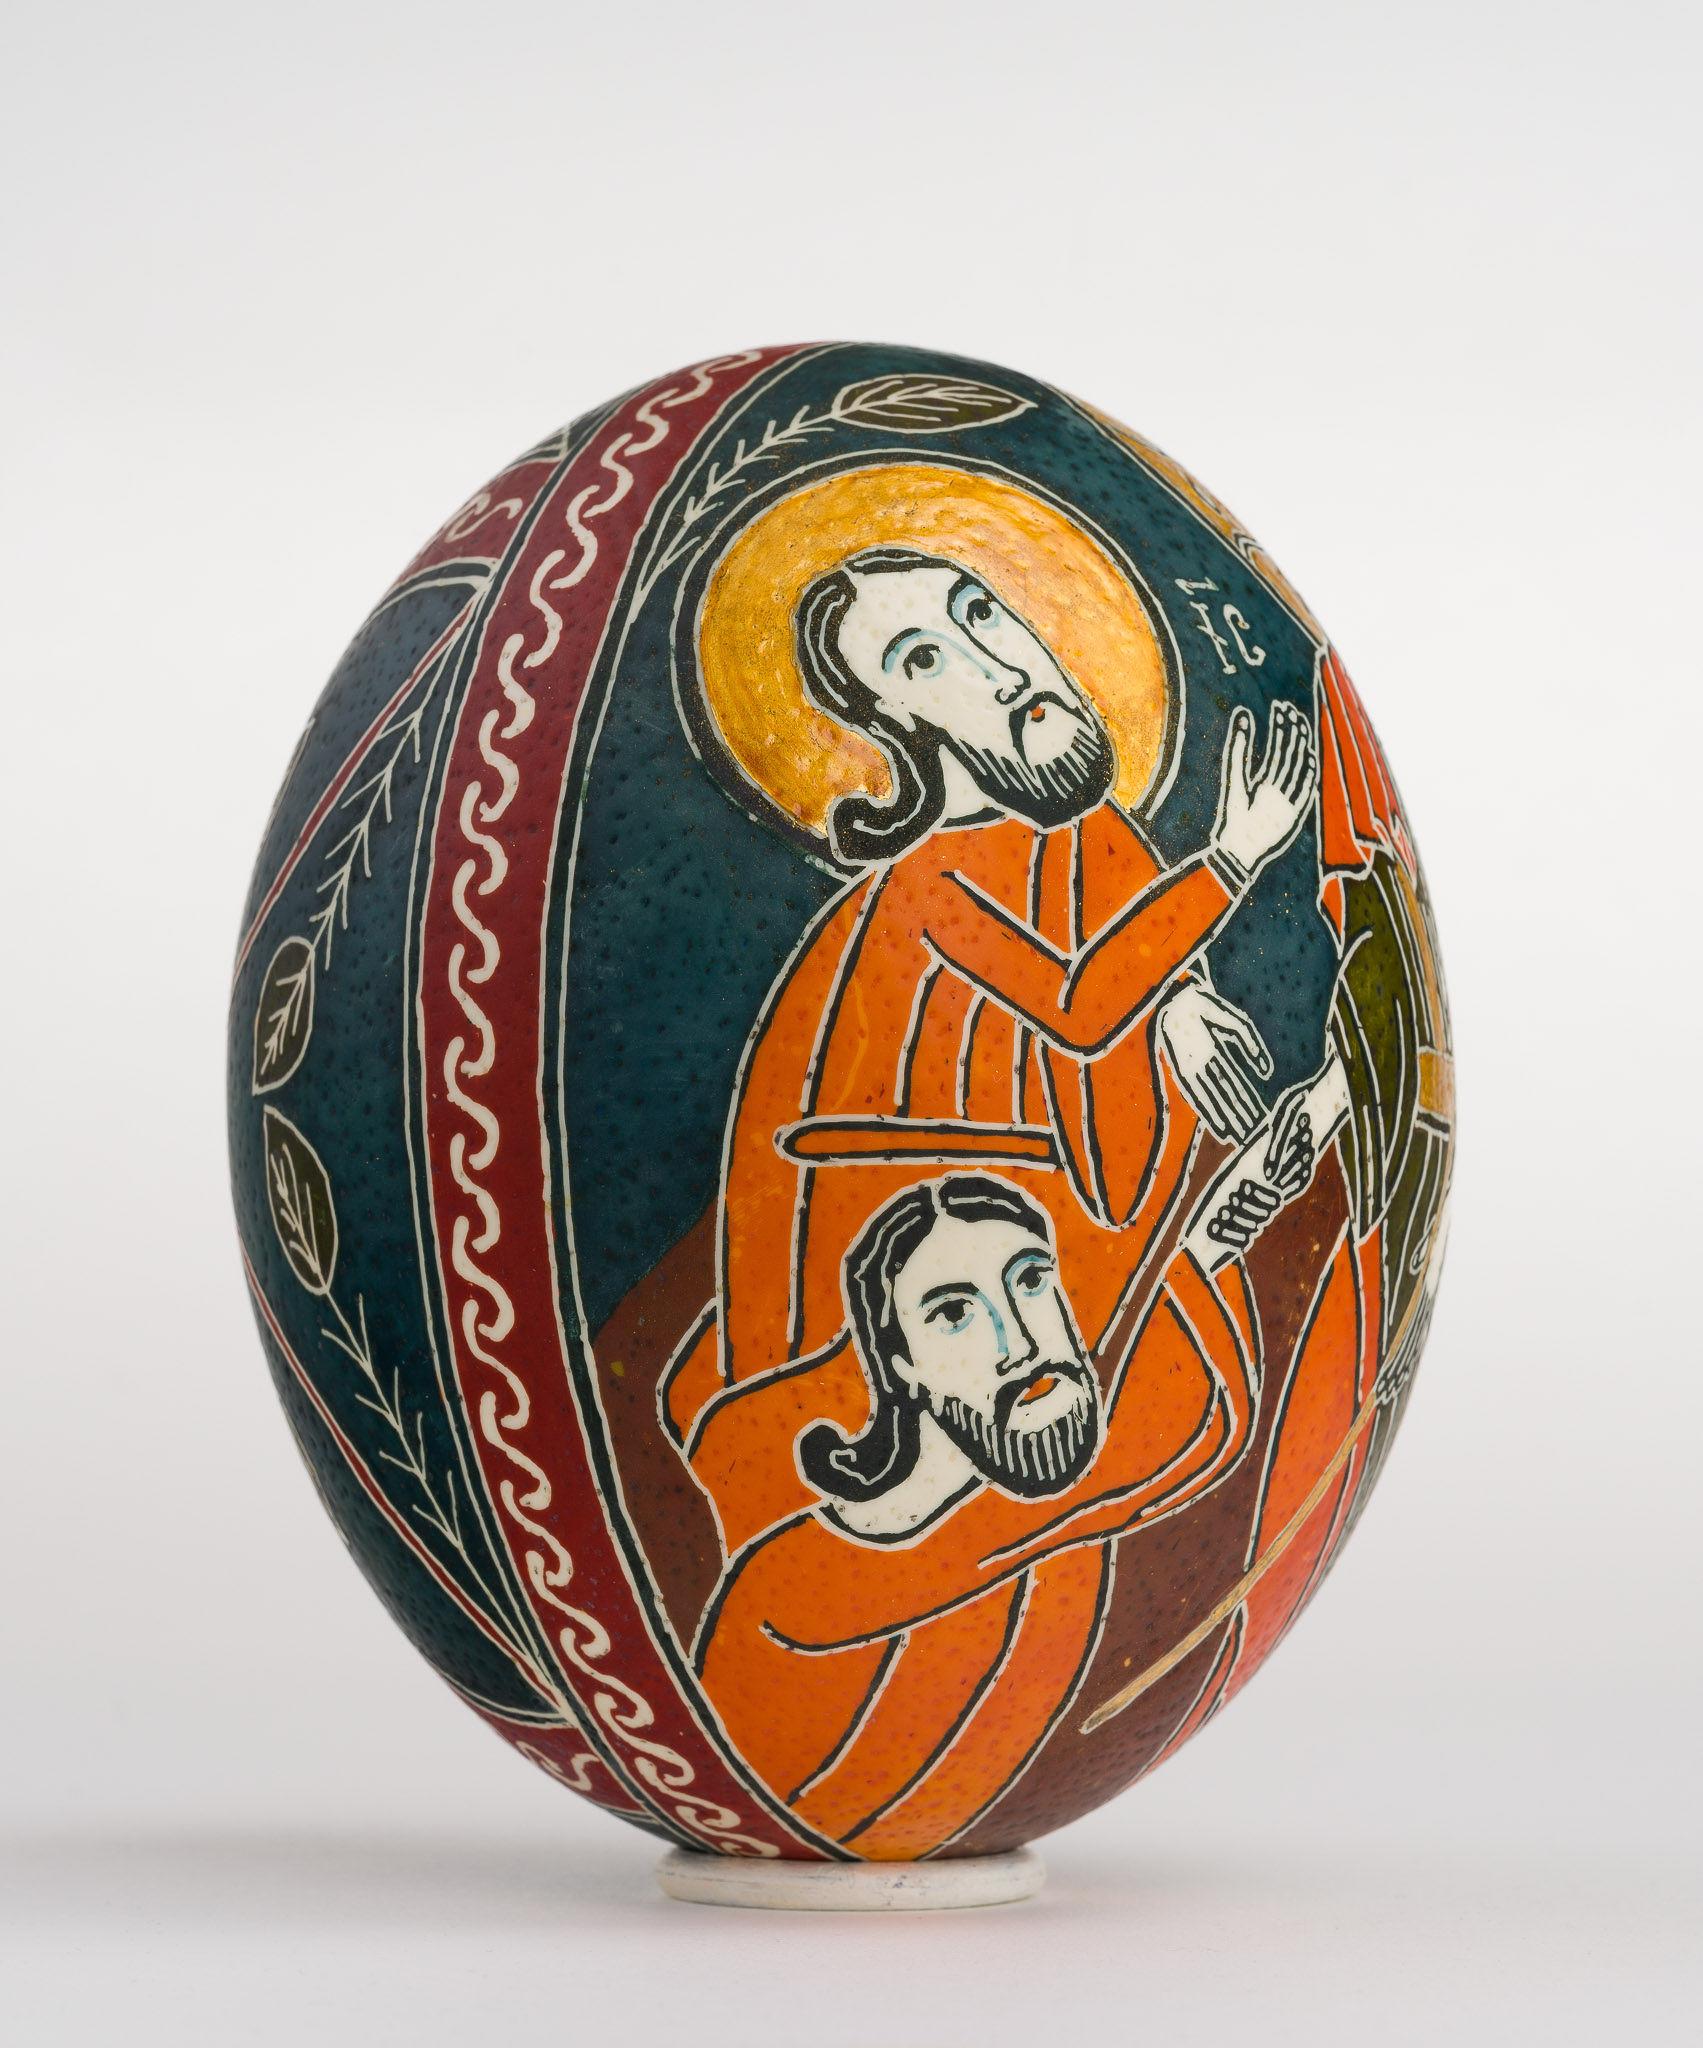 Icoană încondeiată pe ou de struț - Învierea Domnului. Sfintele Paști - maryando-119c.jpg